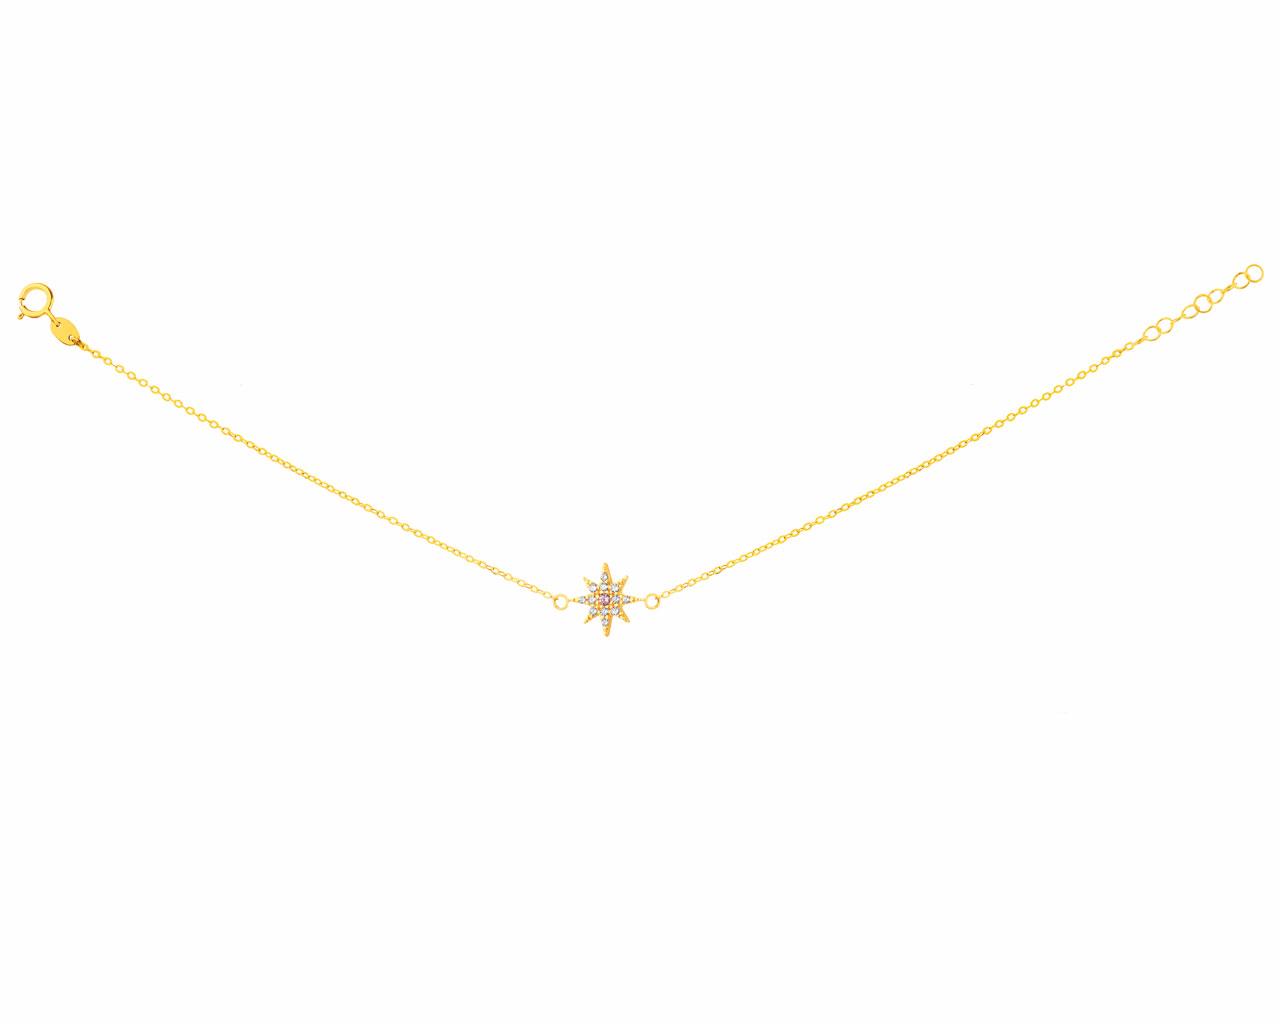 Wholesale OEM/ODM Jewelry Custom Yellow Gold Bracelet with Cubic Zirconia jewelry OEM ODM manufacturer